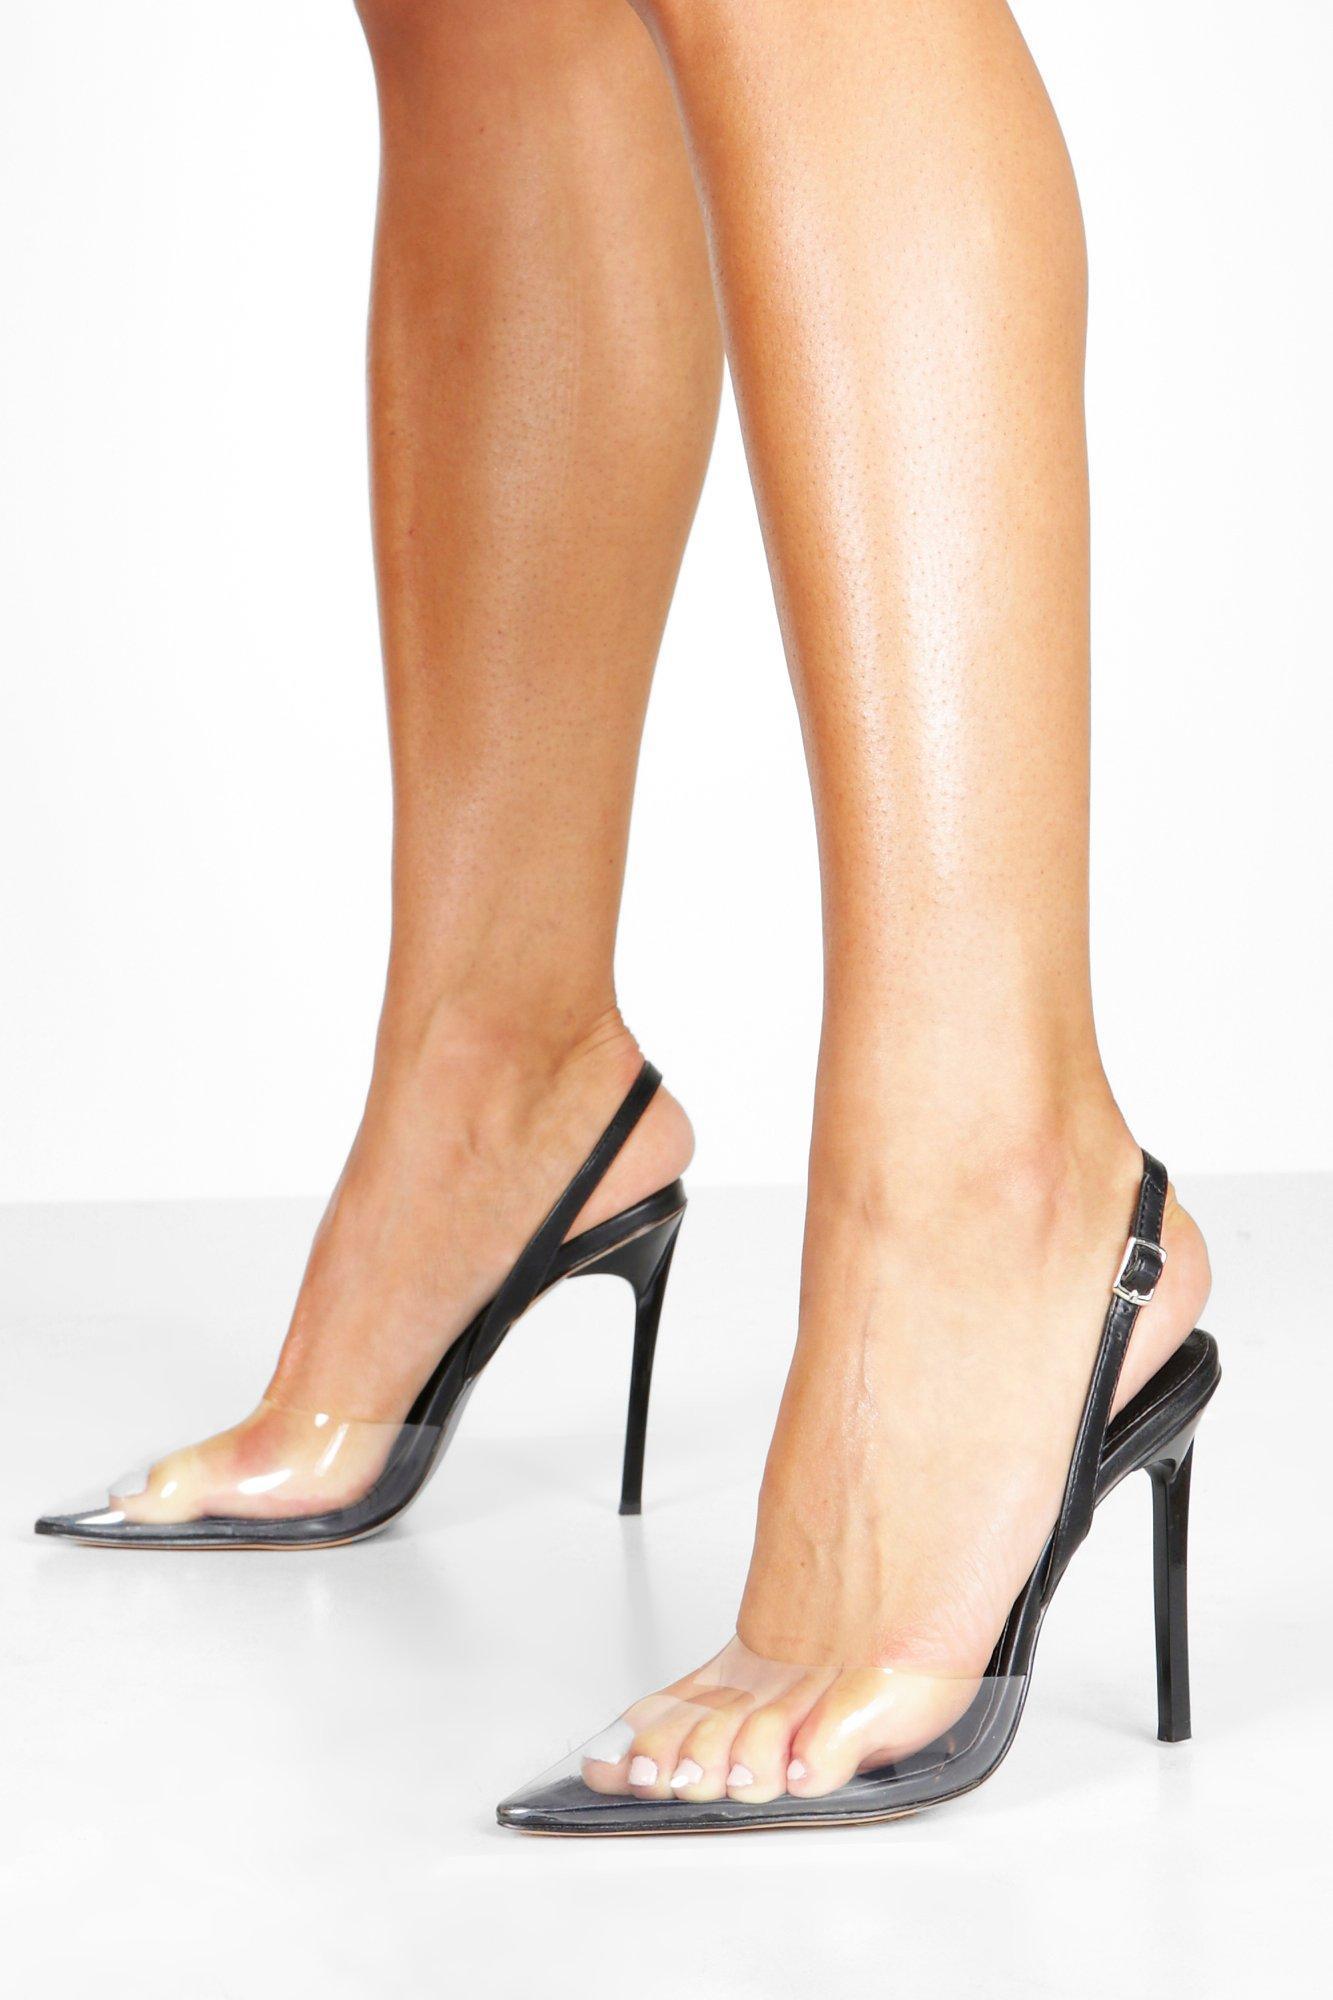 Прозрачные остроконечные туфли-лодочки с ремешком на пятке фото